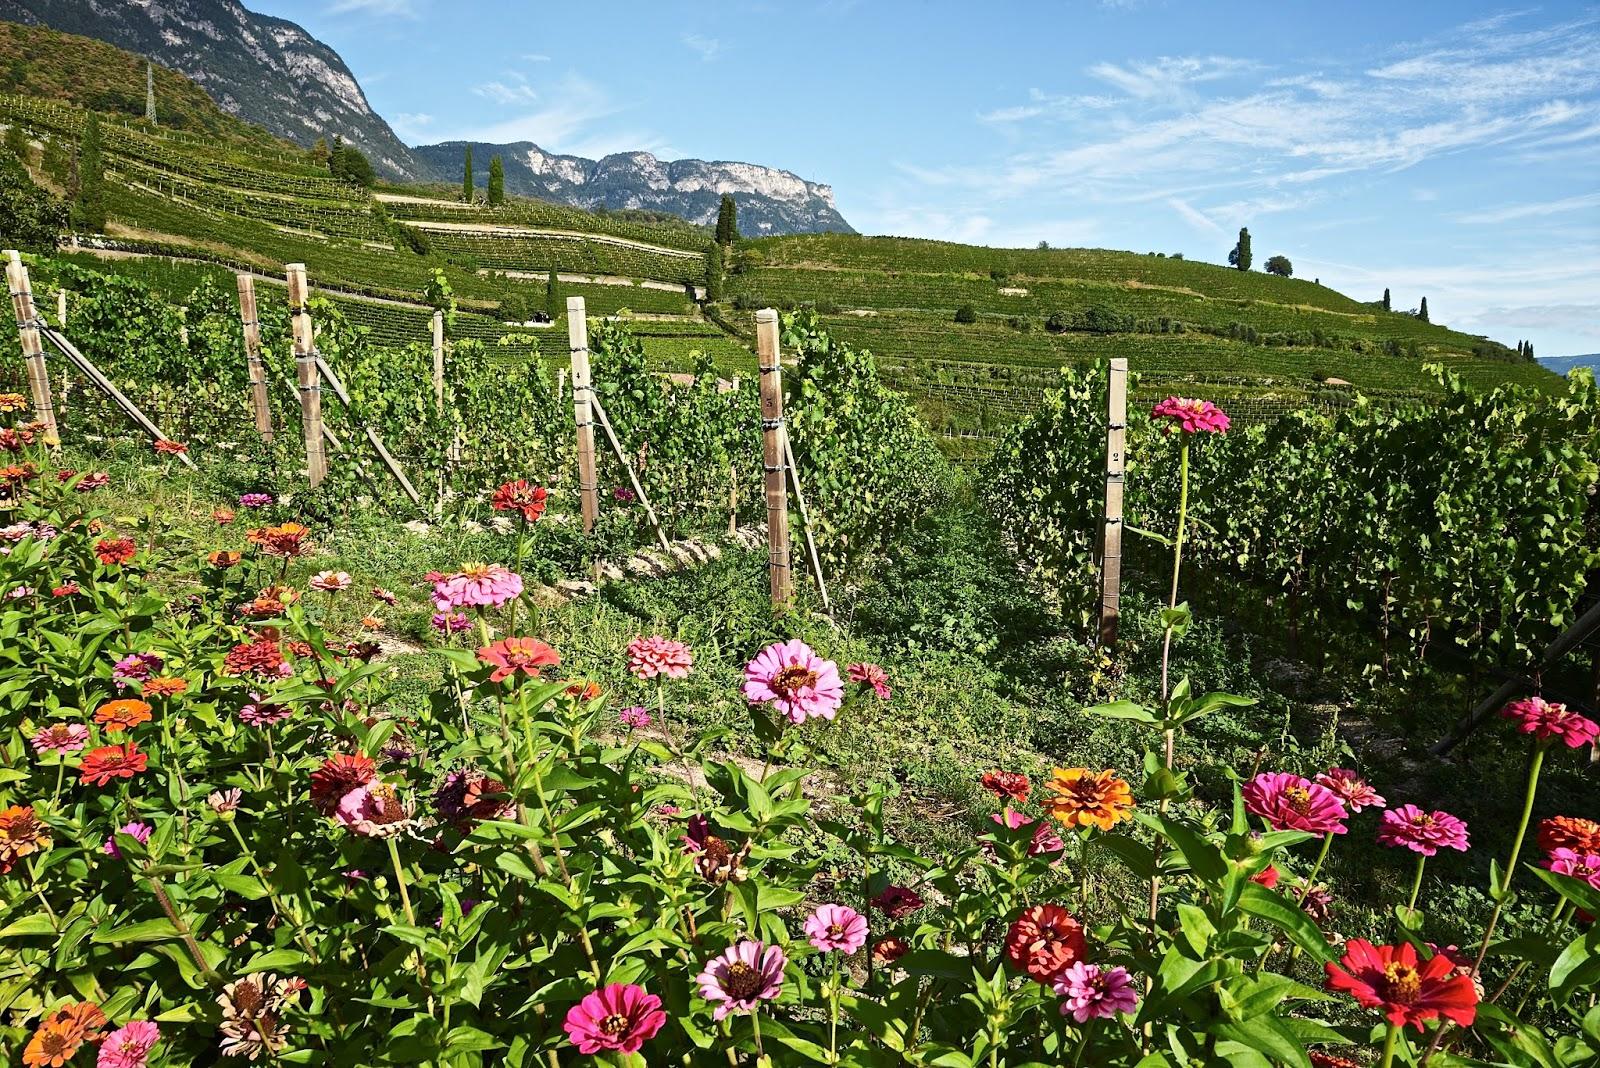 Alois Lageder's colorful vineyards, courtesy of Italian Wine Blog   Vino Travels.